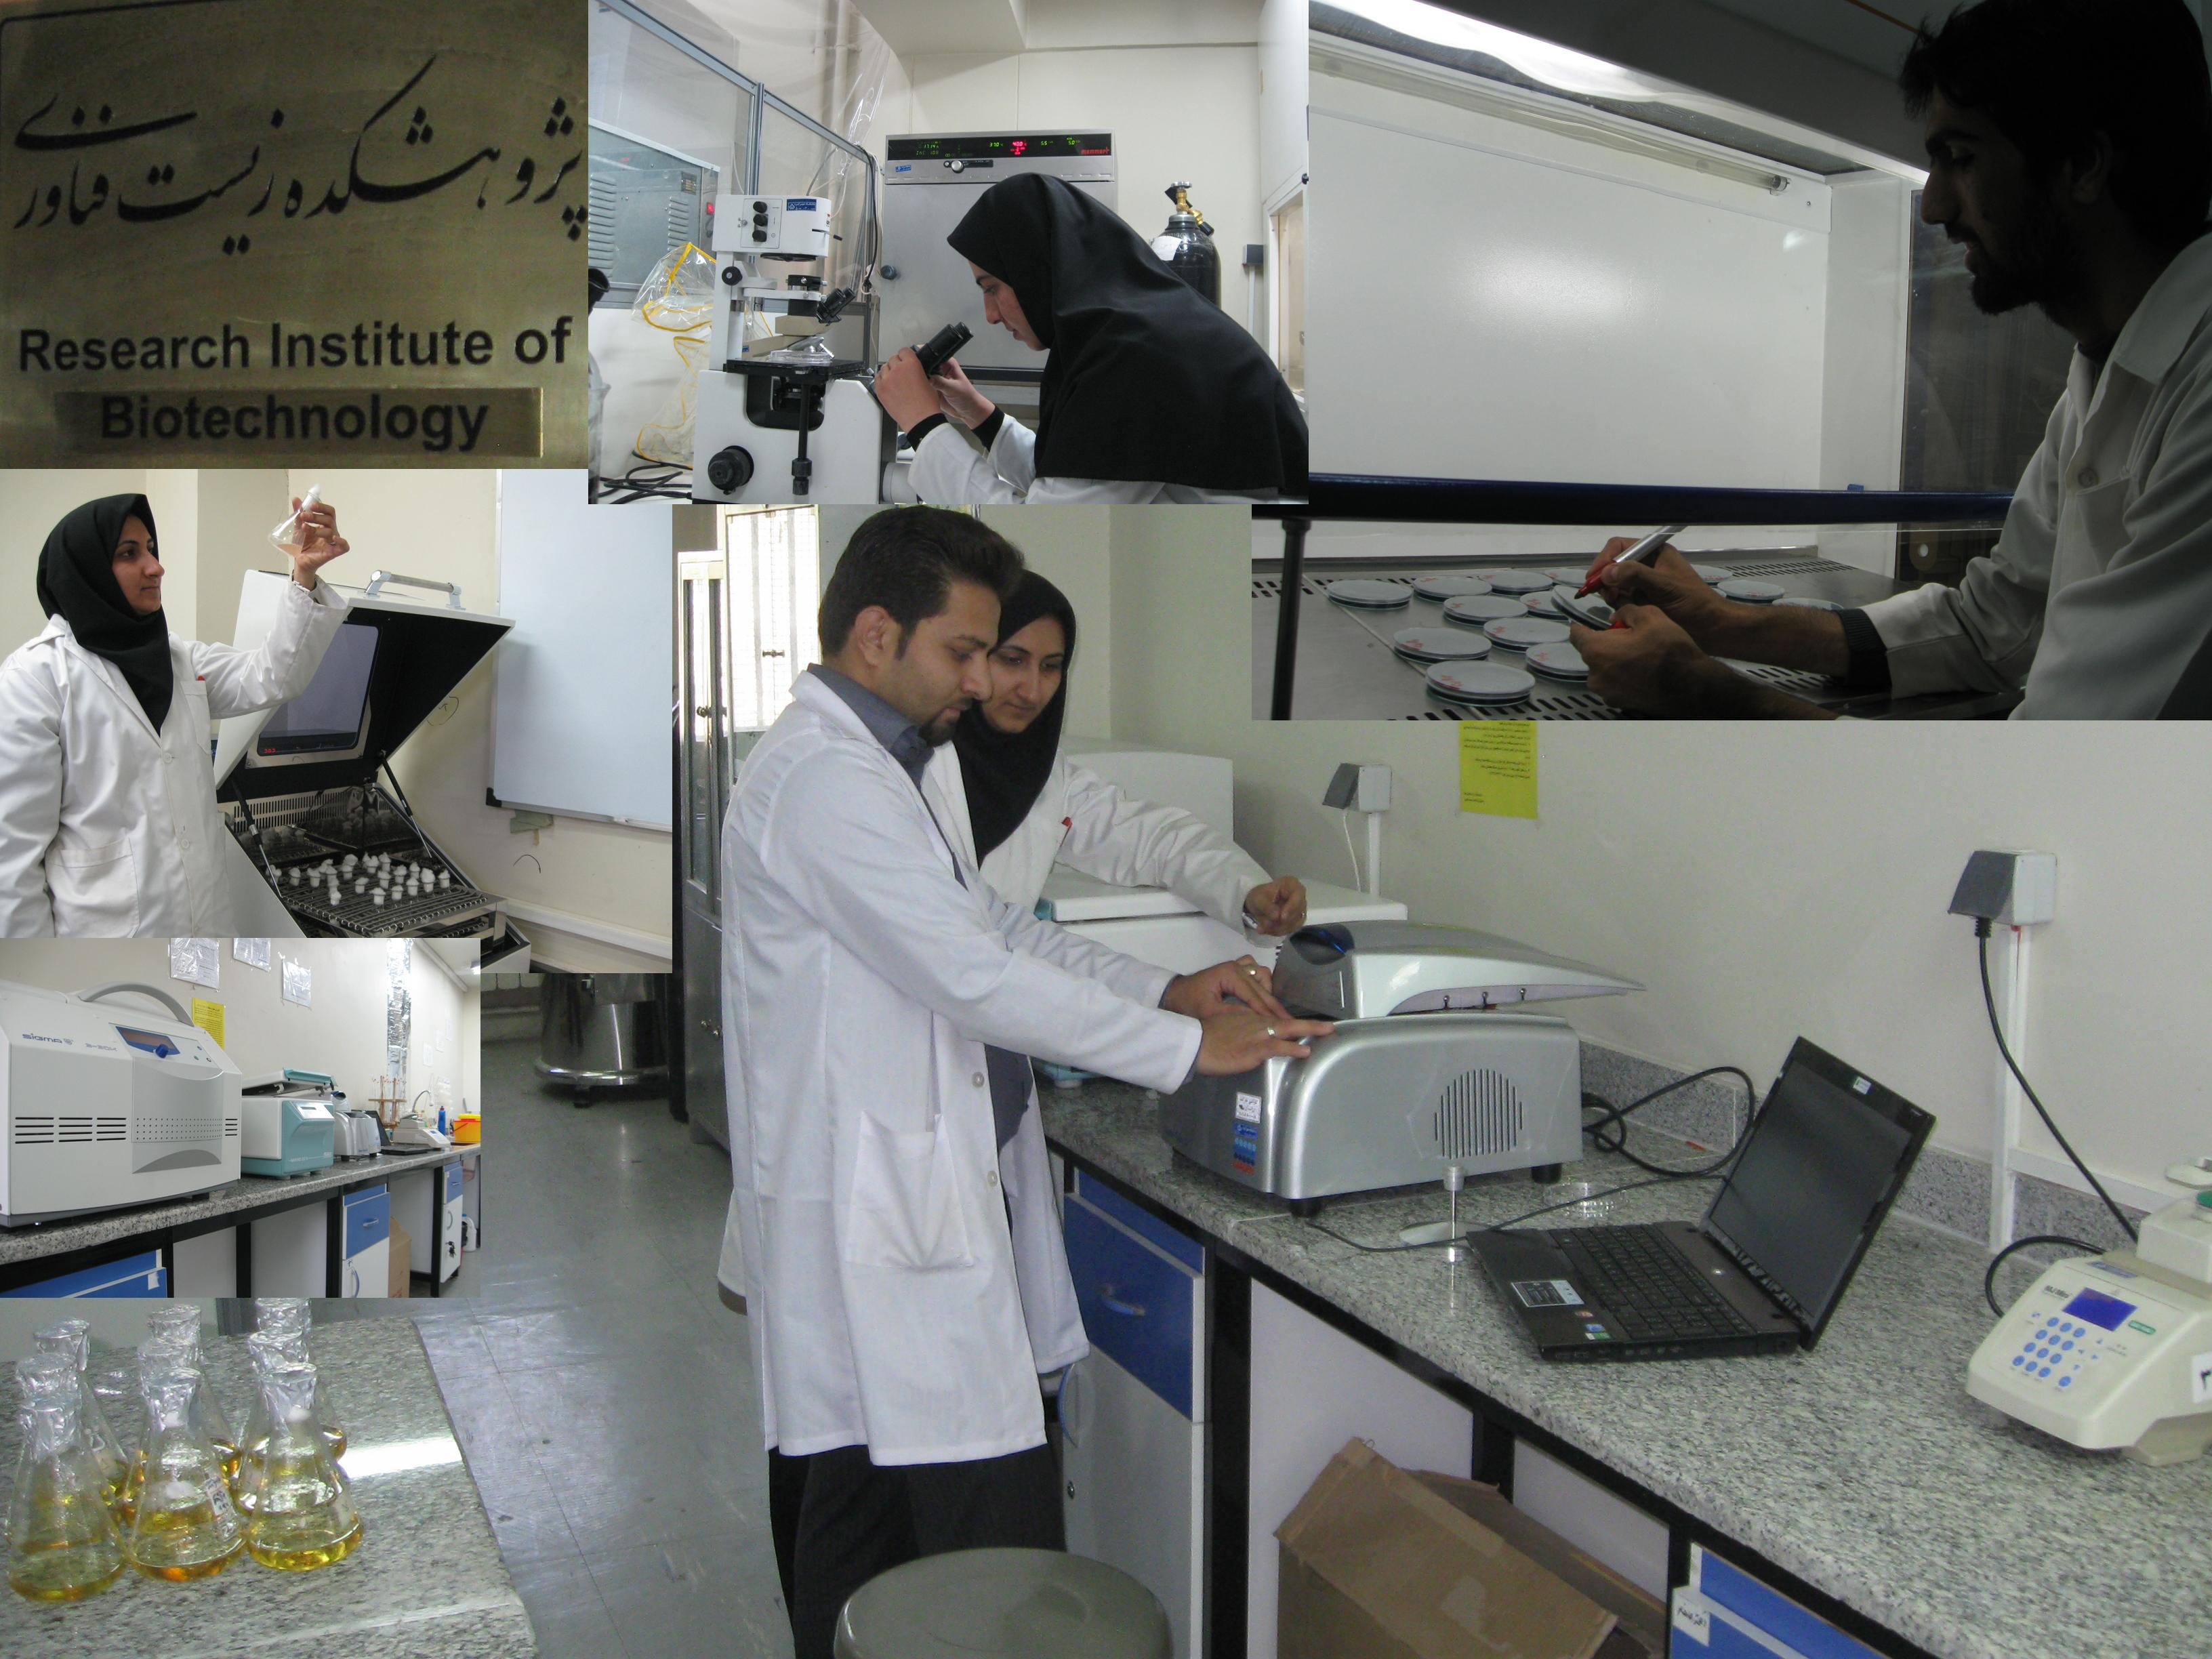 جایگاه 21 ایران در تولیدات علمی 2014 زیست فناوری